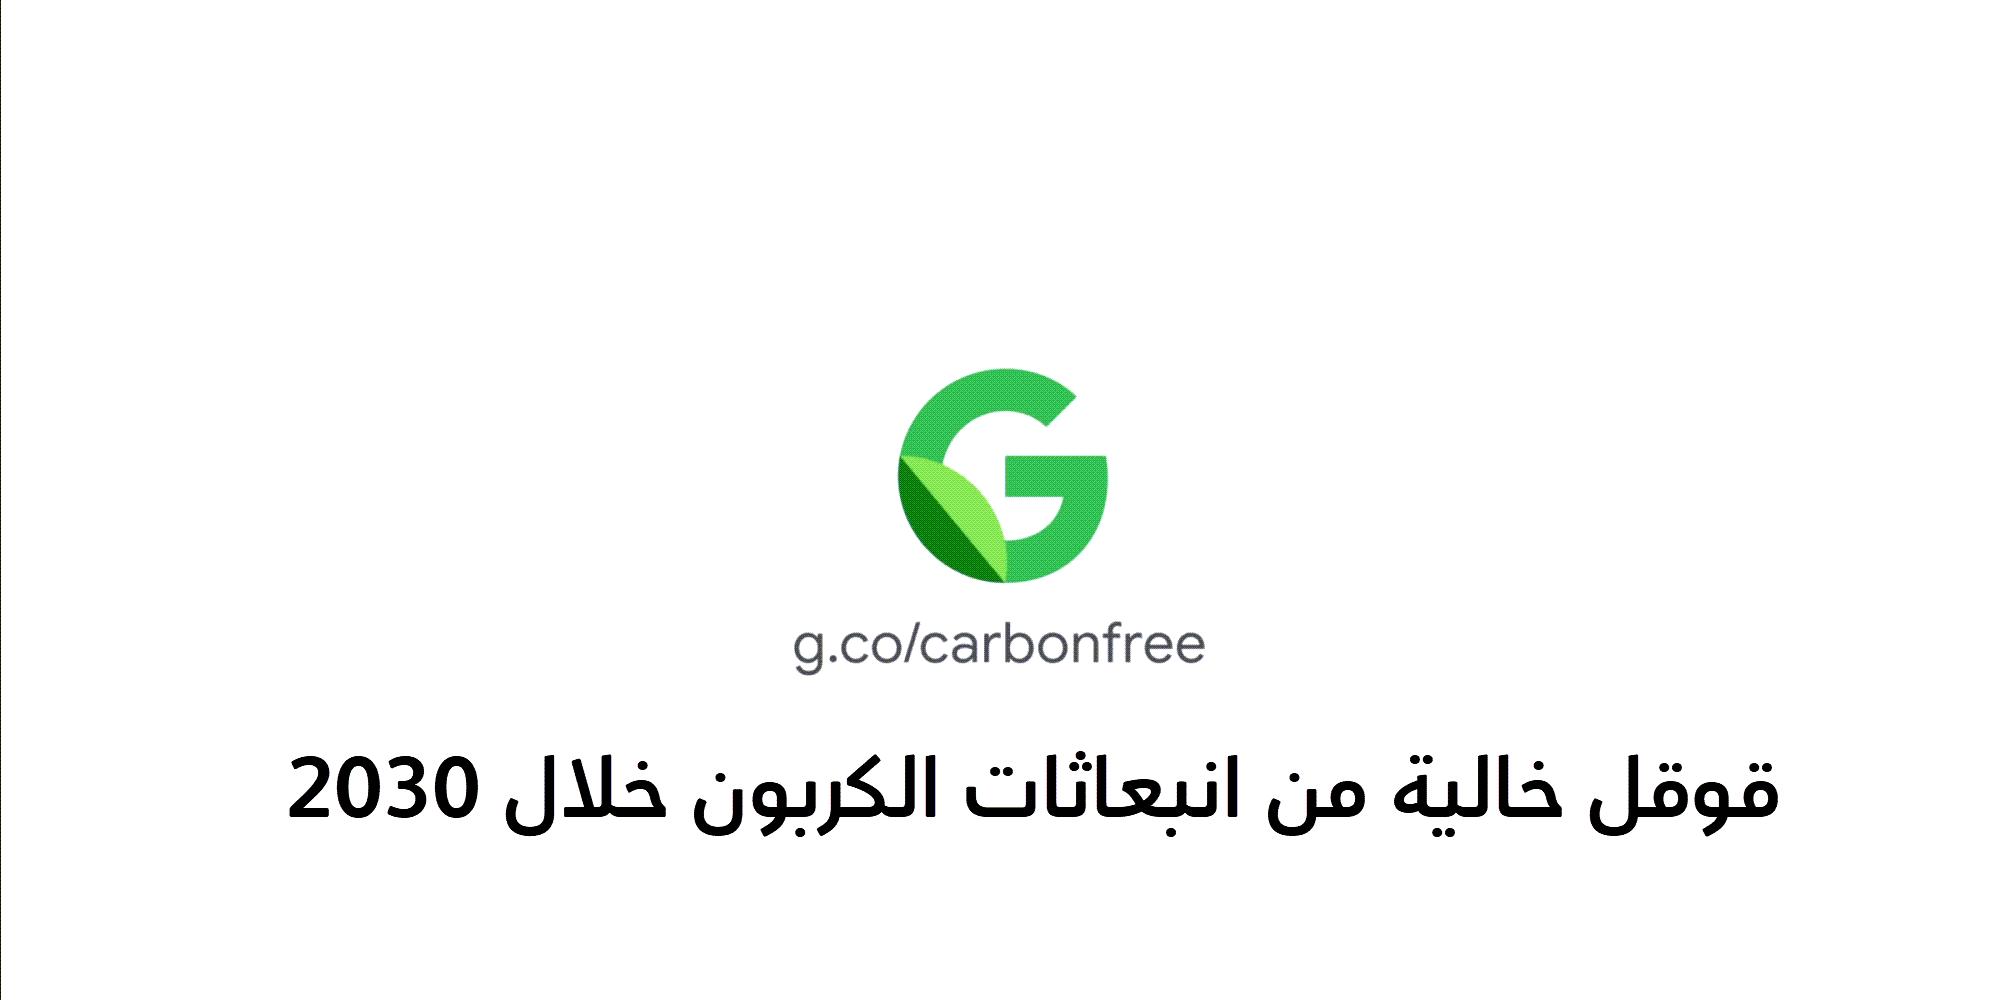 أكبر البرامج لحماية البيئة